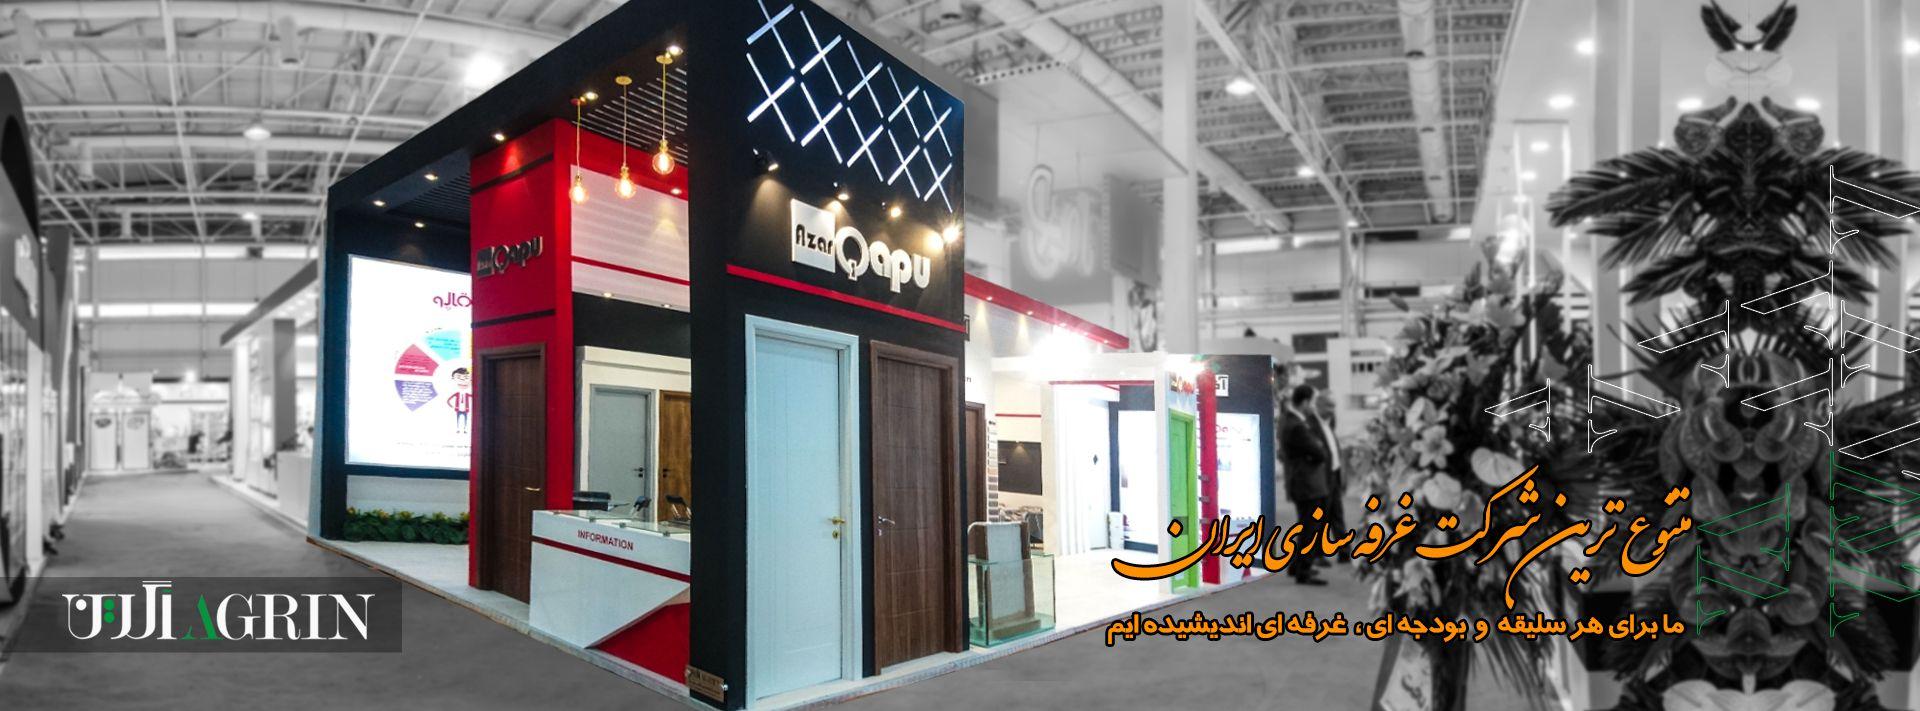 متنوع ترین شرکت غرفه سازی ایران